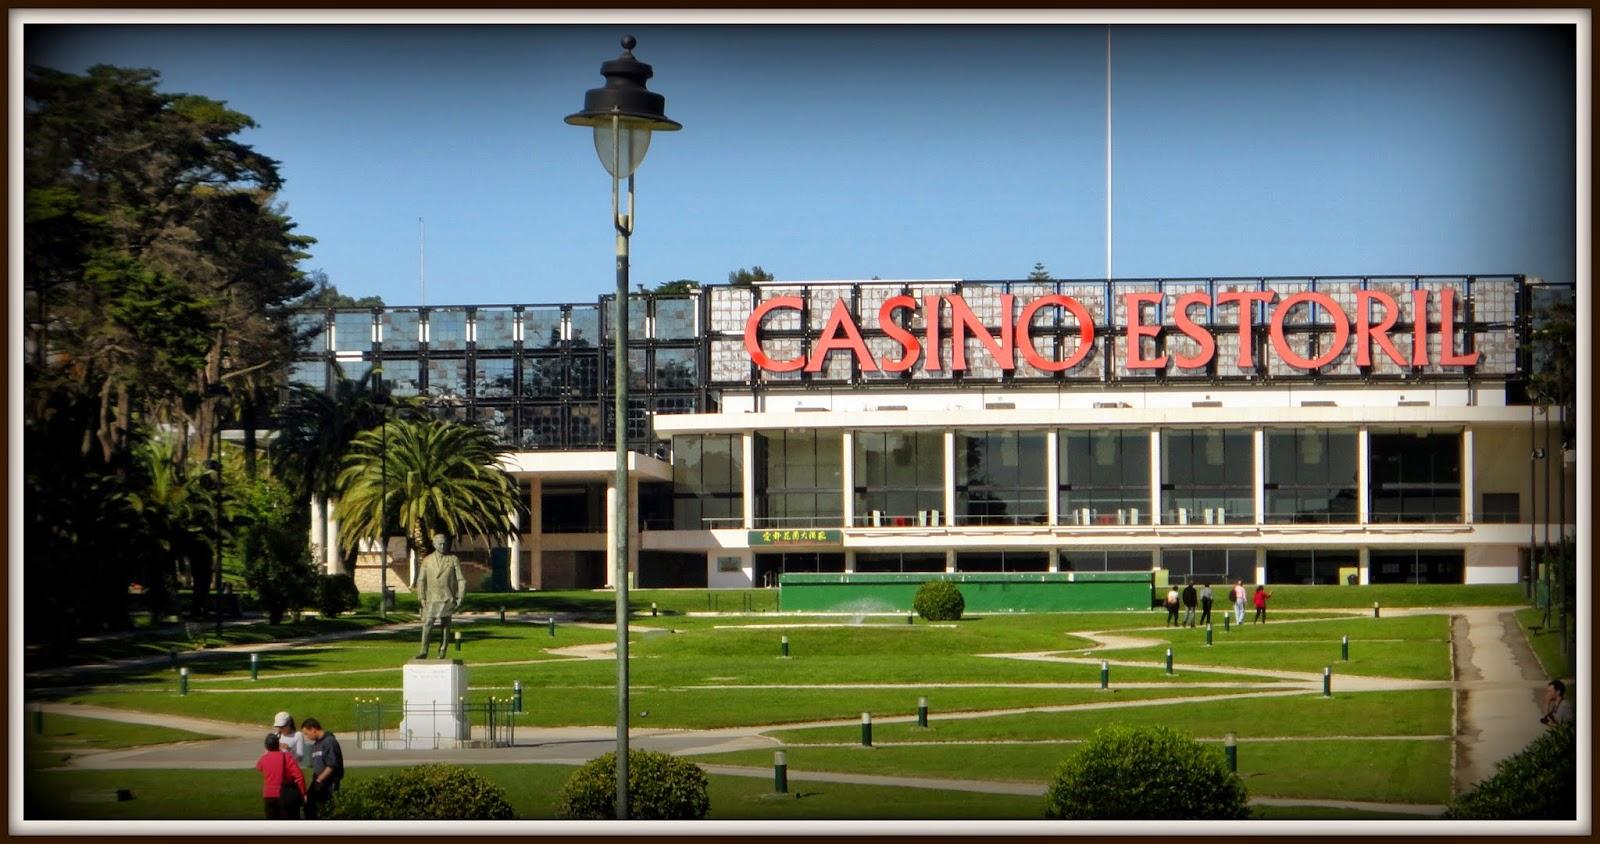 Casino Cascais